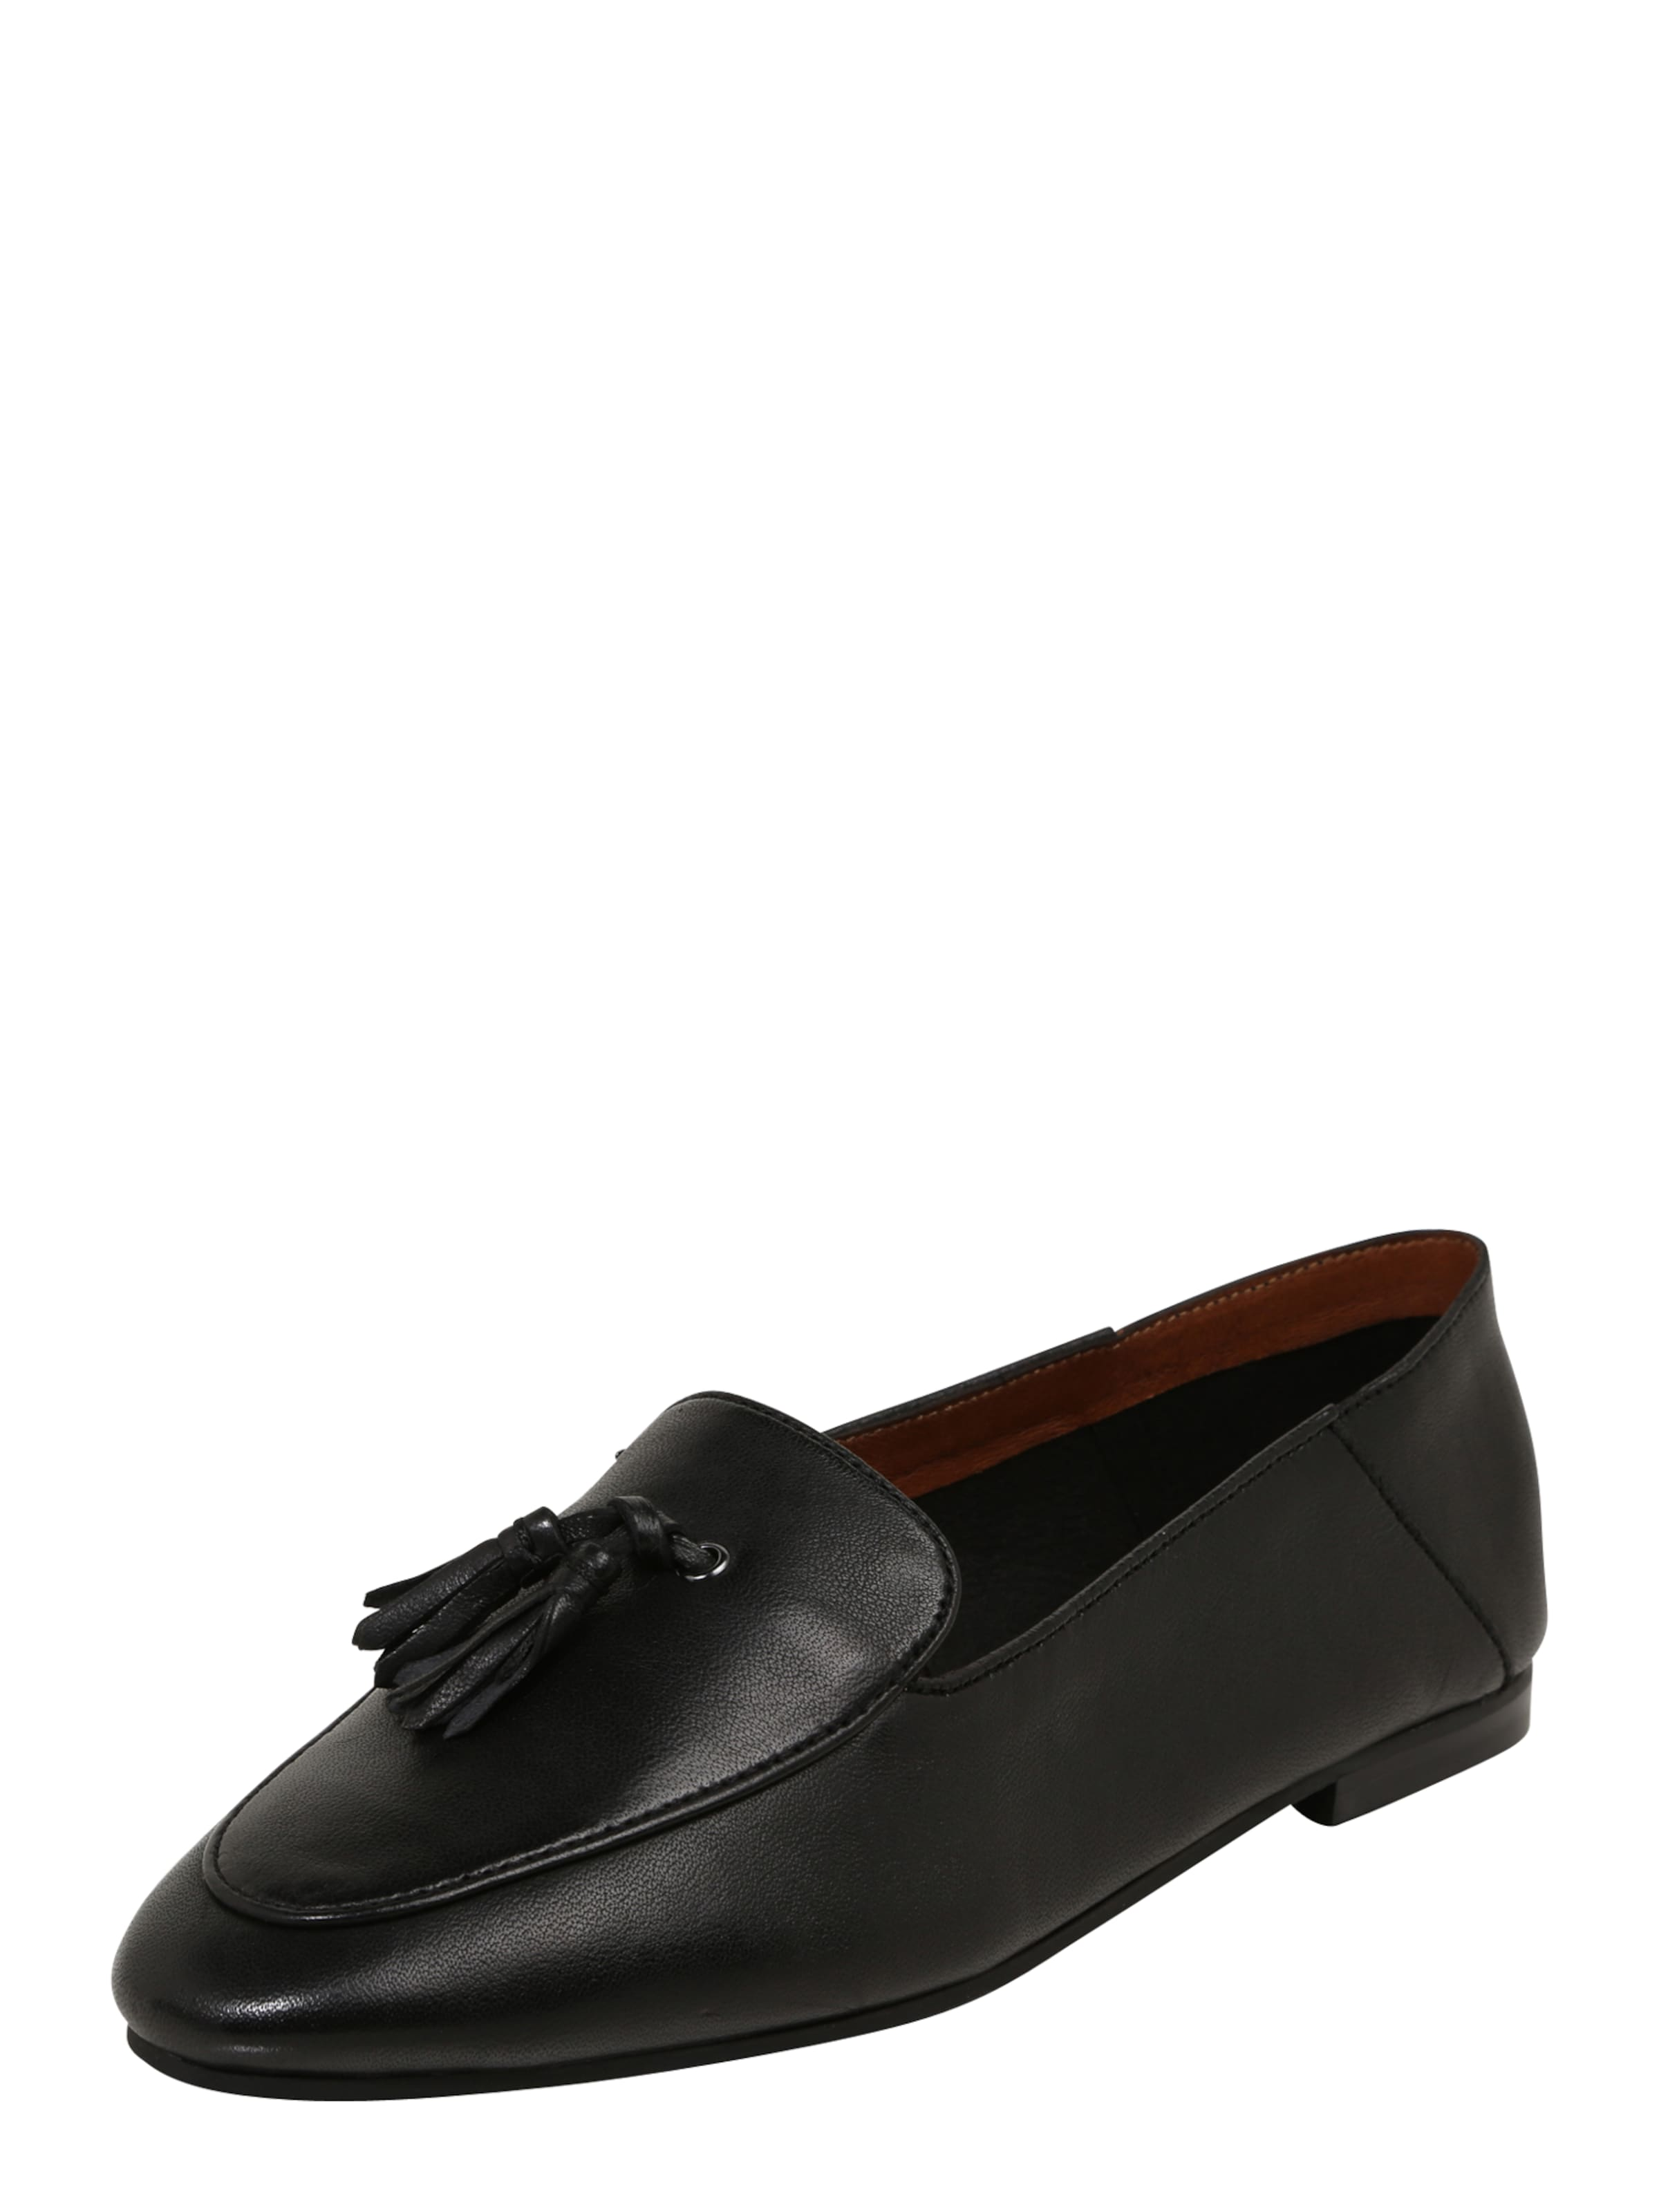 INUOVO Loafer Günstige und langlebige Schuhe